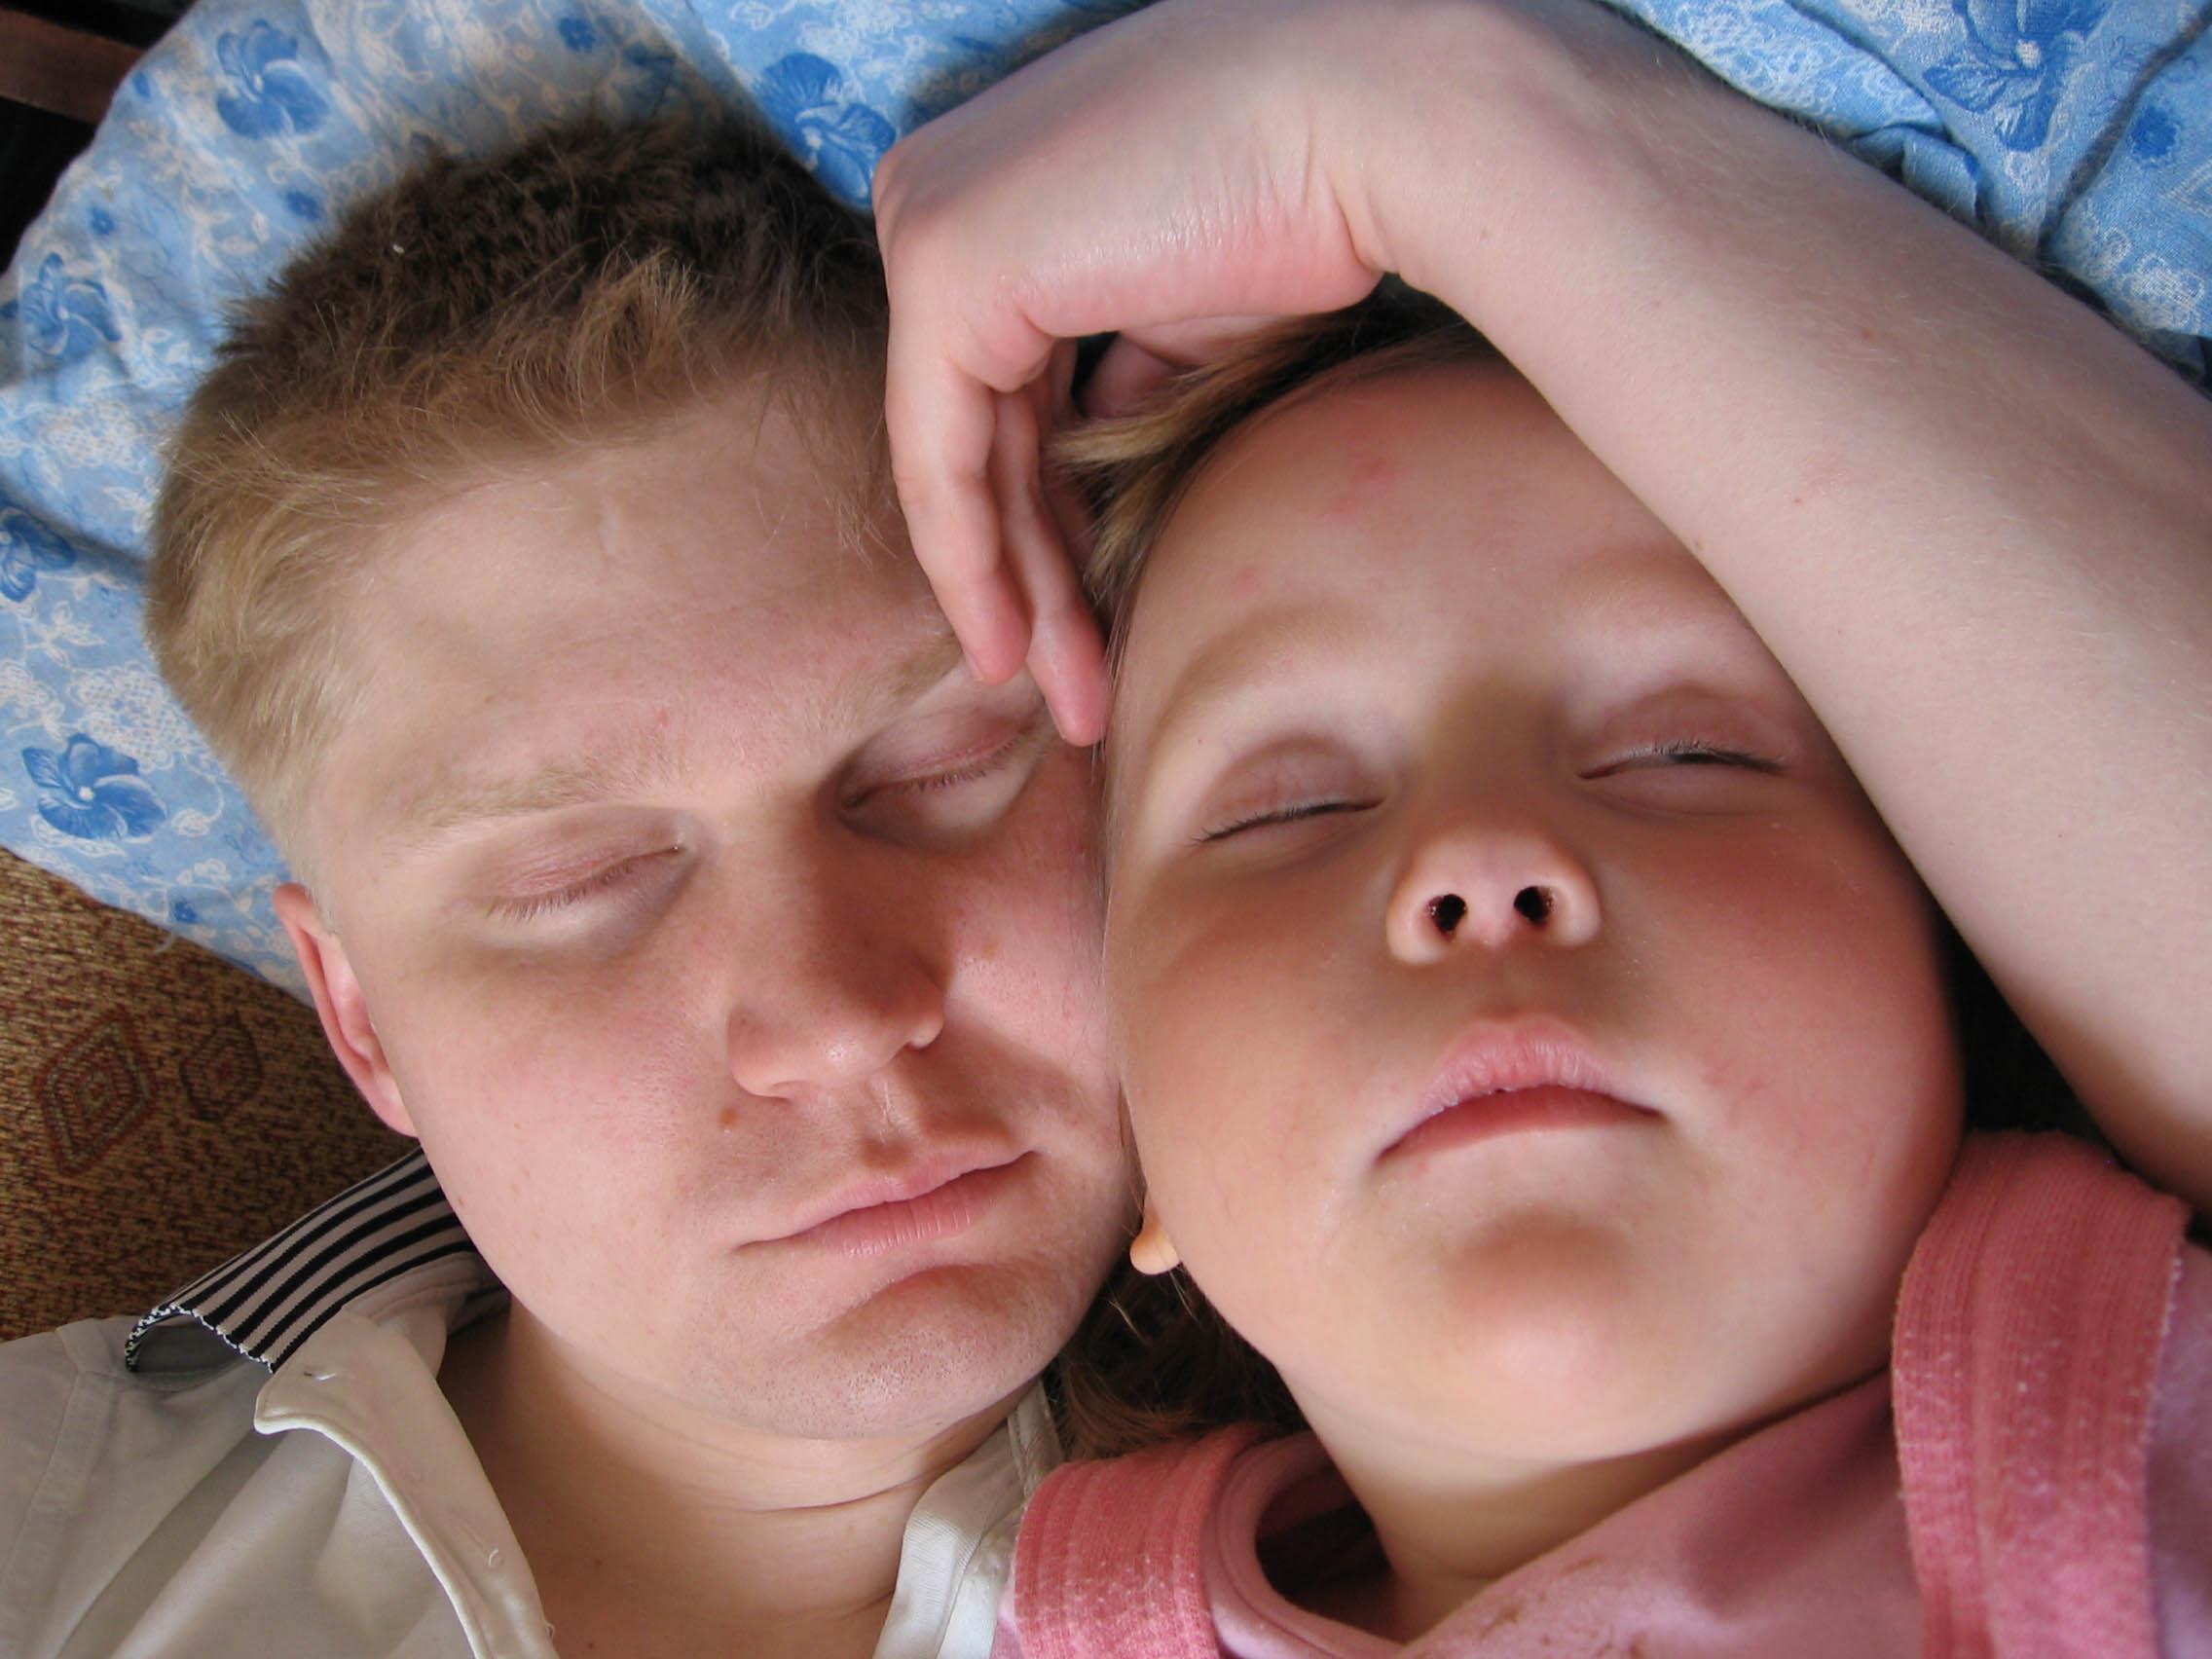 Папины объятия нежны даже во сне!!!. Нежные объятия